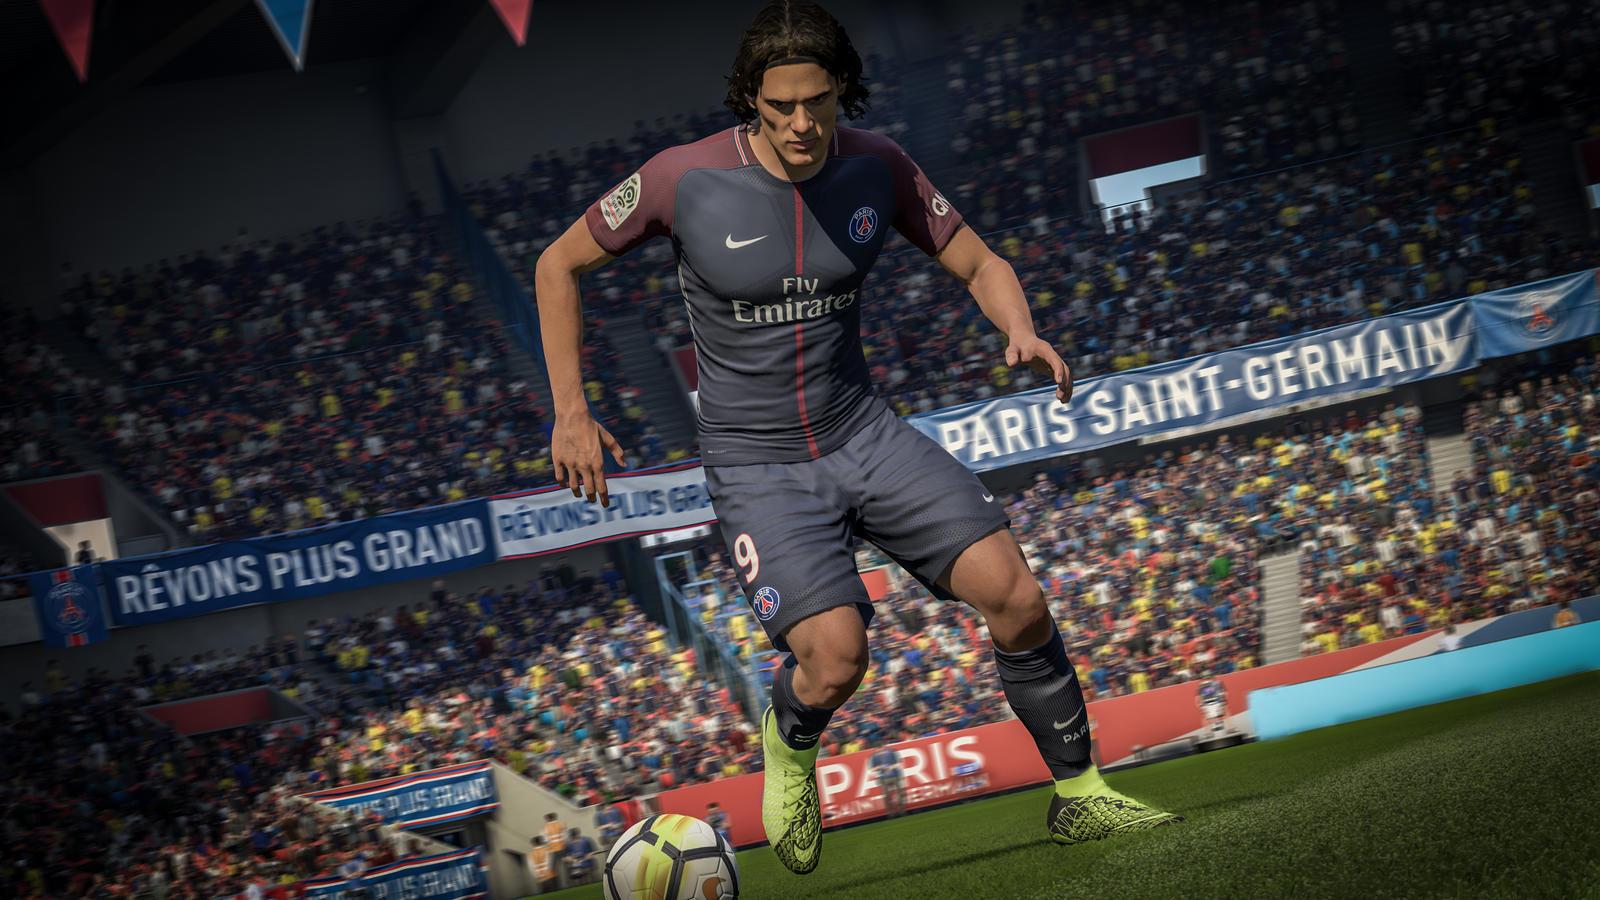 d61dc994e9e5 Nike X EA Sports Hypervenom 3 to Make Virtual Debut